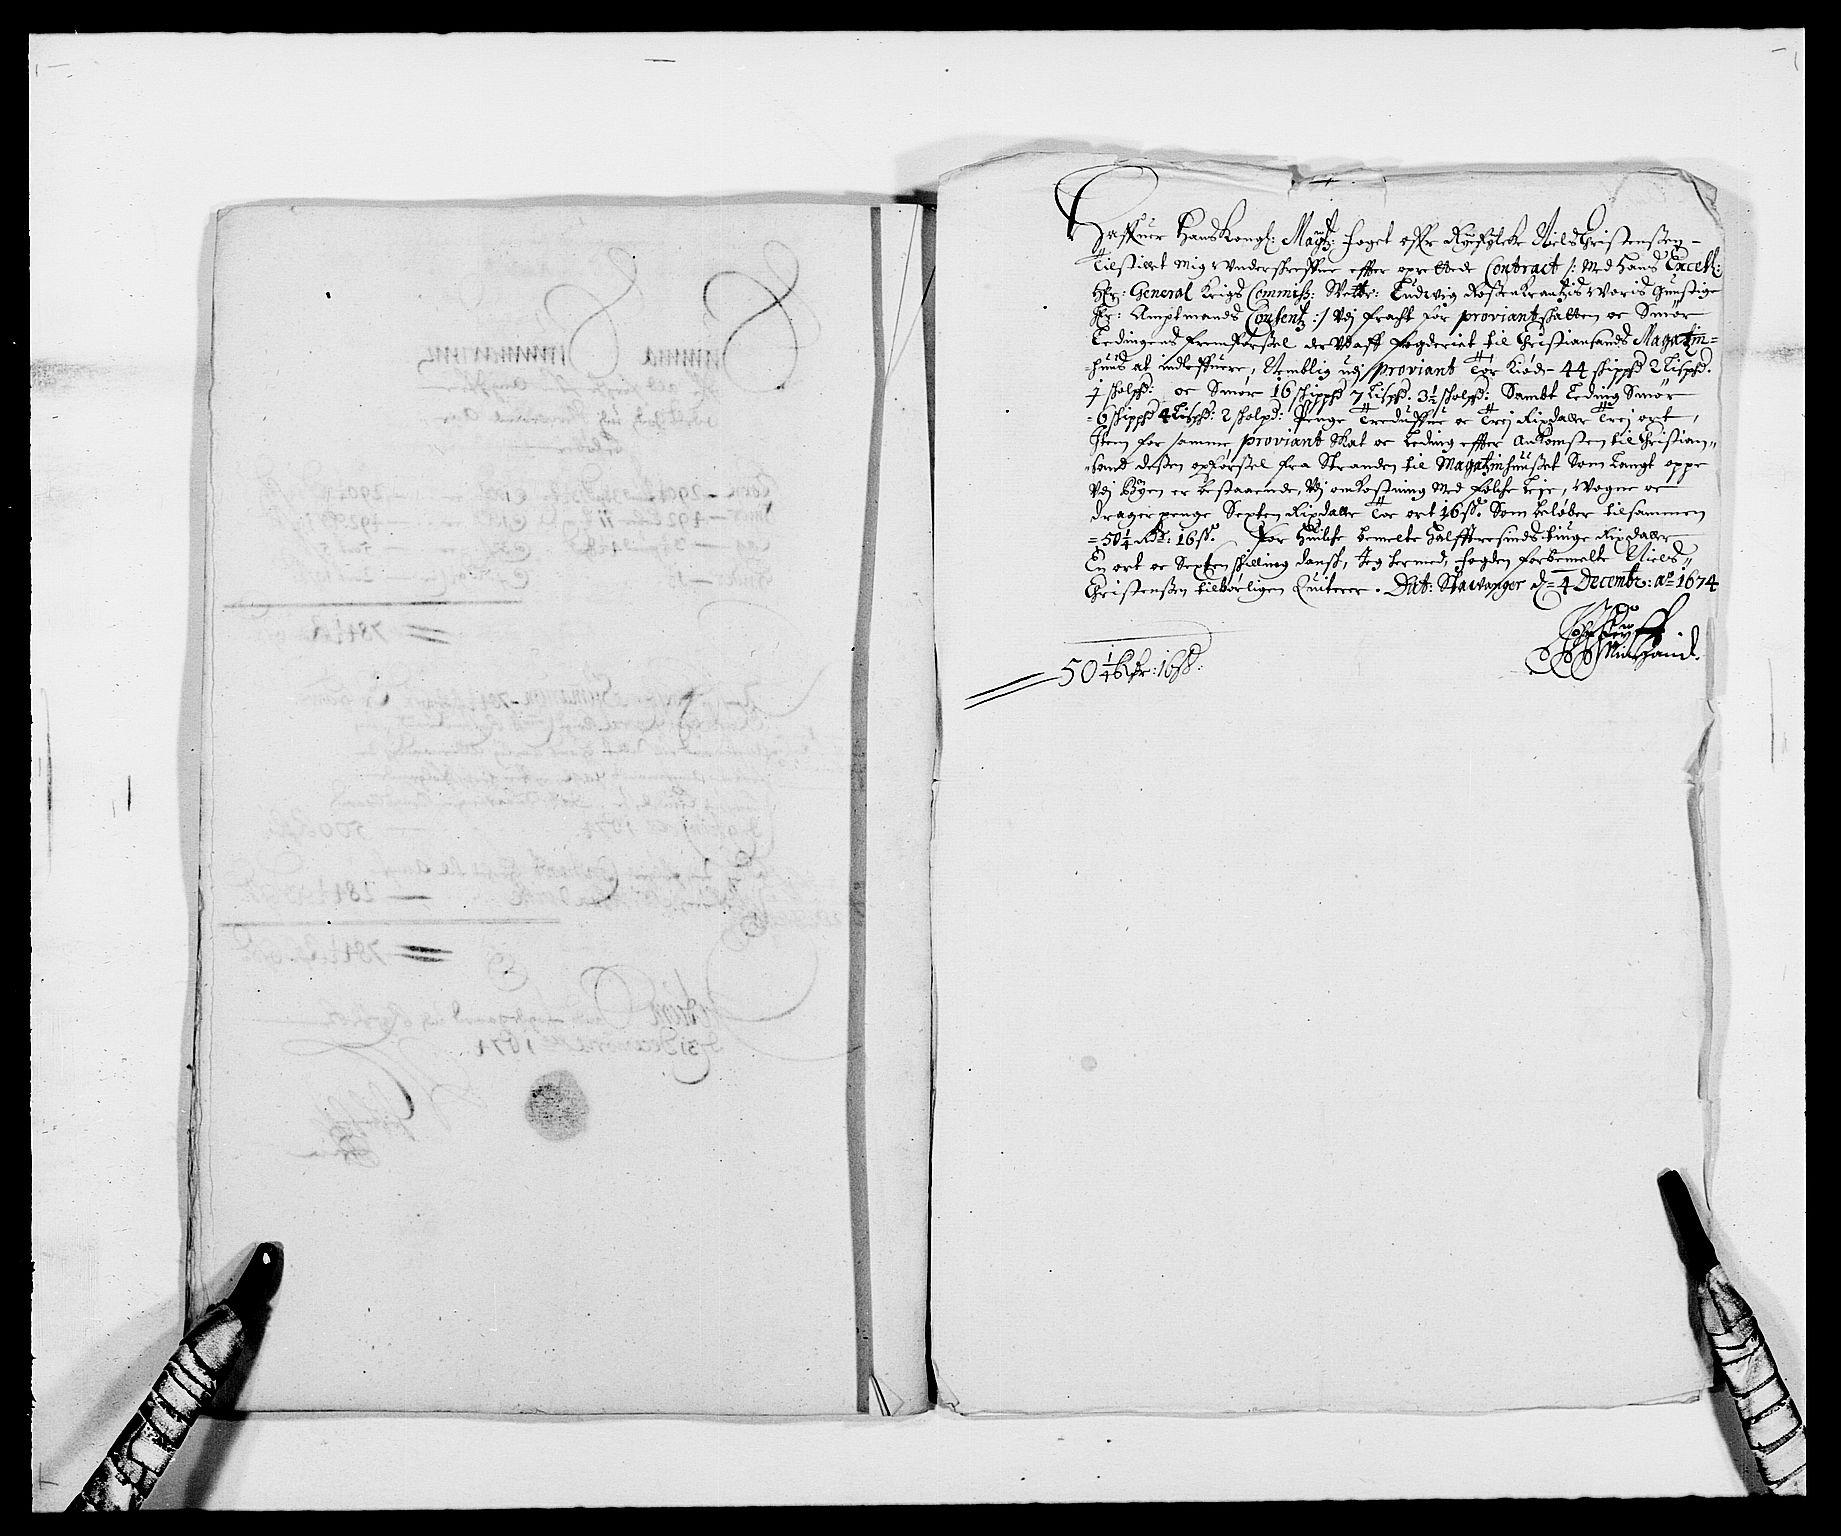 RA, Rentekammeret inntil 1814, Reviderte regnskaper, Fogderegnskap, R47/L2845: Fogderegnskap Ryfylke, 1674-1675, s. 157